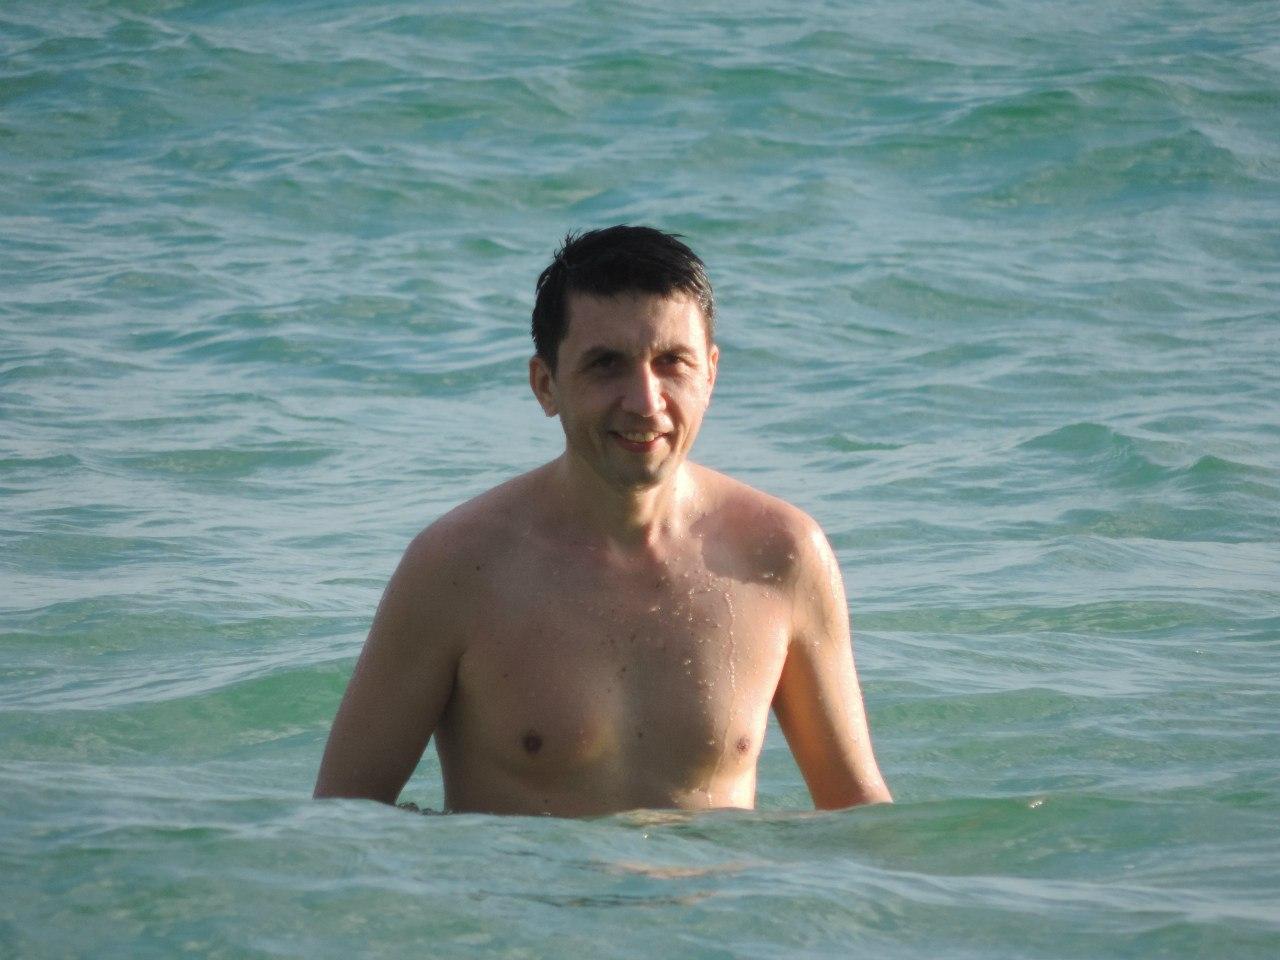 реальные истории похудения, валентин Денисов-Мельников, как похудеть, море,